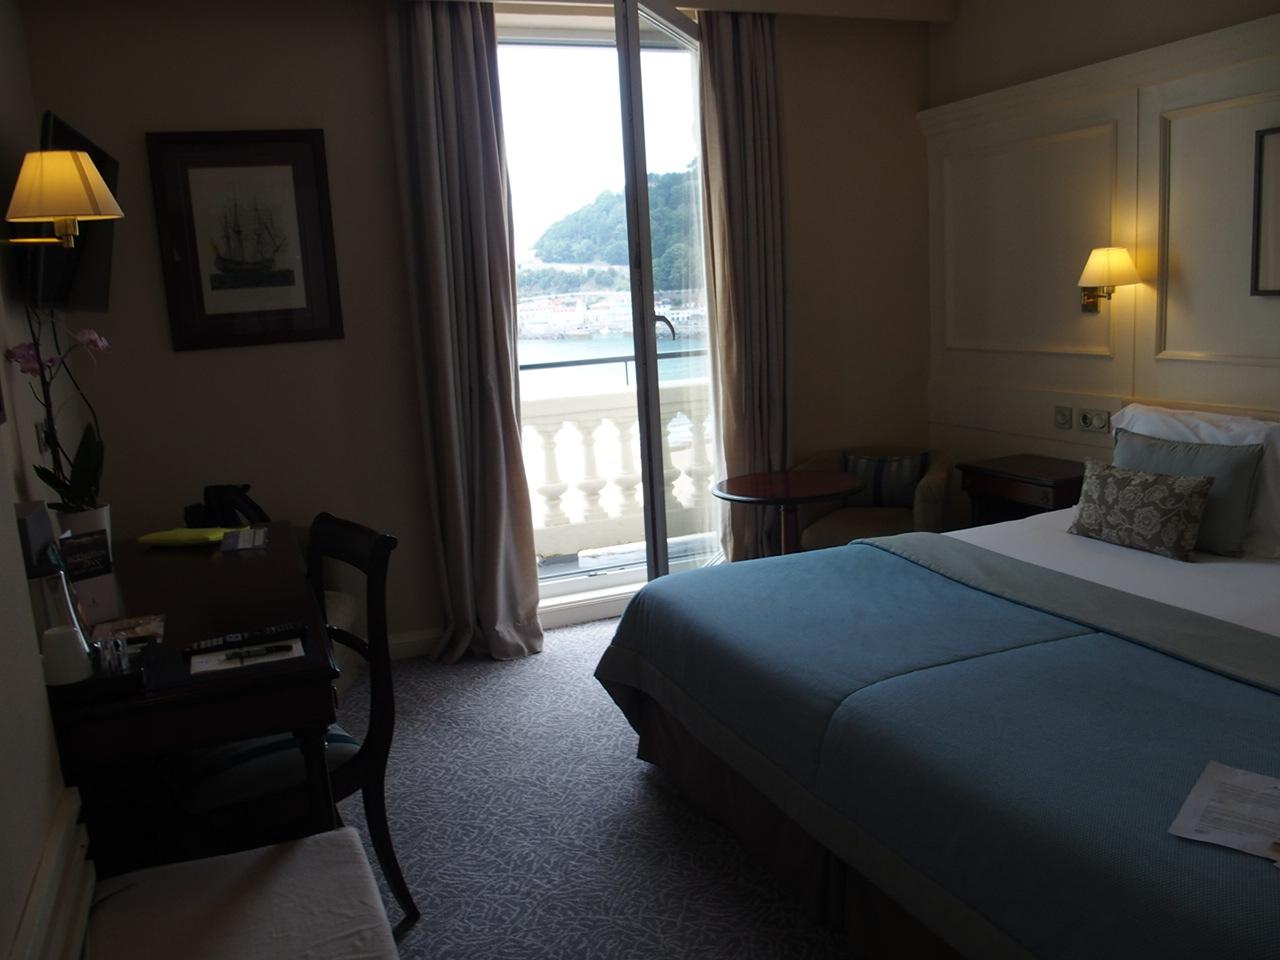 サンセバスチャンのホテルロンドレス